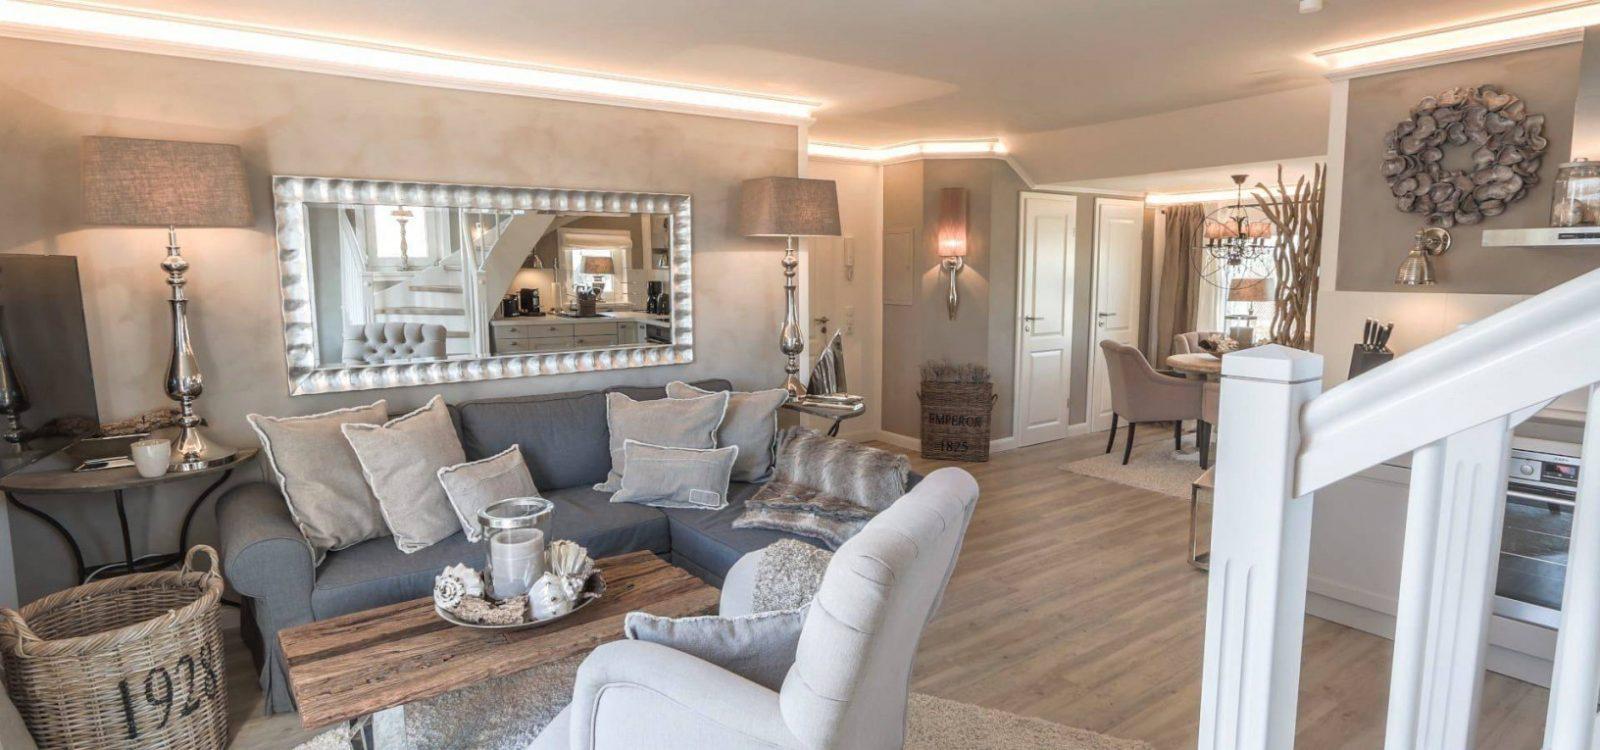 Wohnzimmer Ideen Landhausstil Modern Luxury Weihnachtsdeko von Einrichtung Landhausstil Dekoration Photo